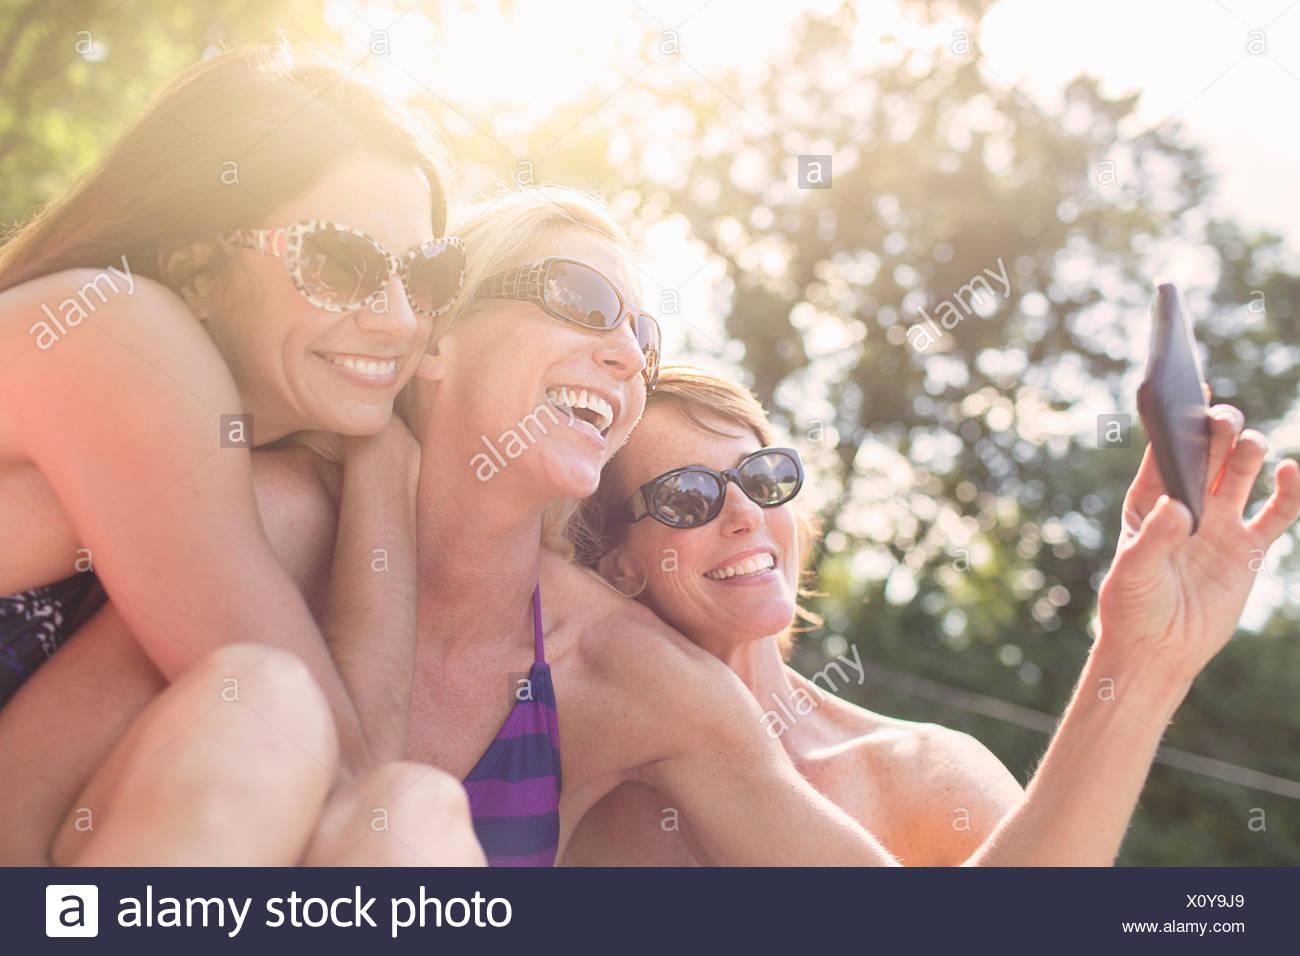 Trois femmes mûres en maillots de bain, taking self portrait Photo Stock